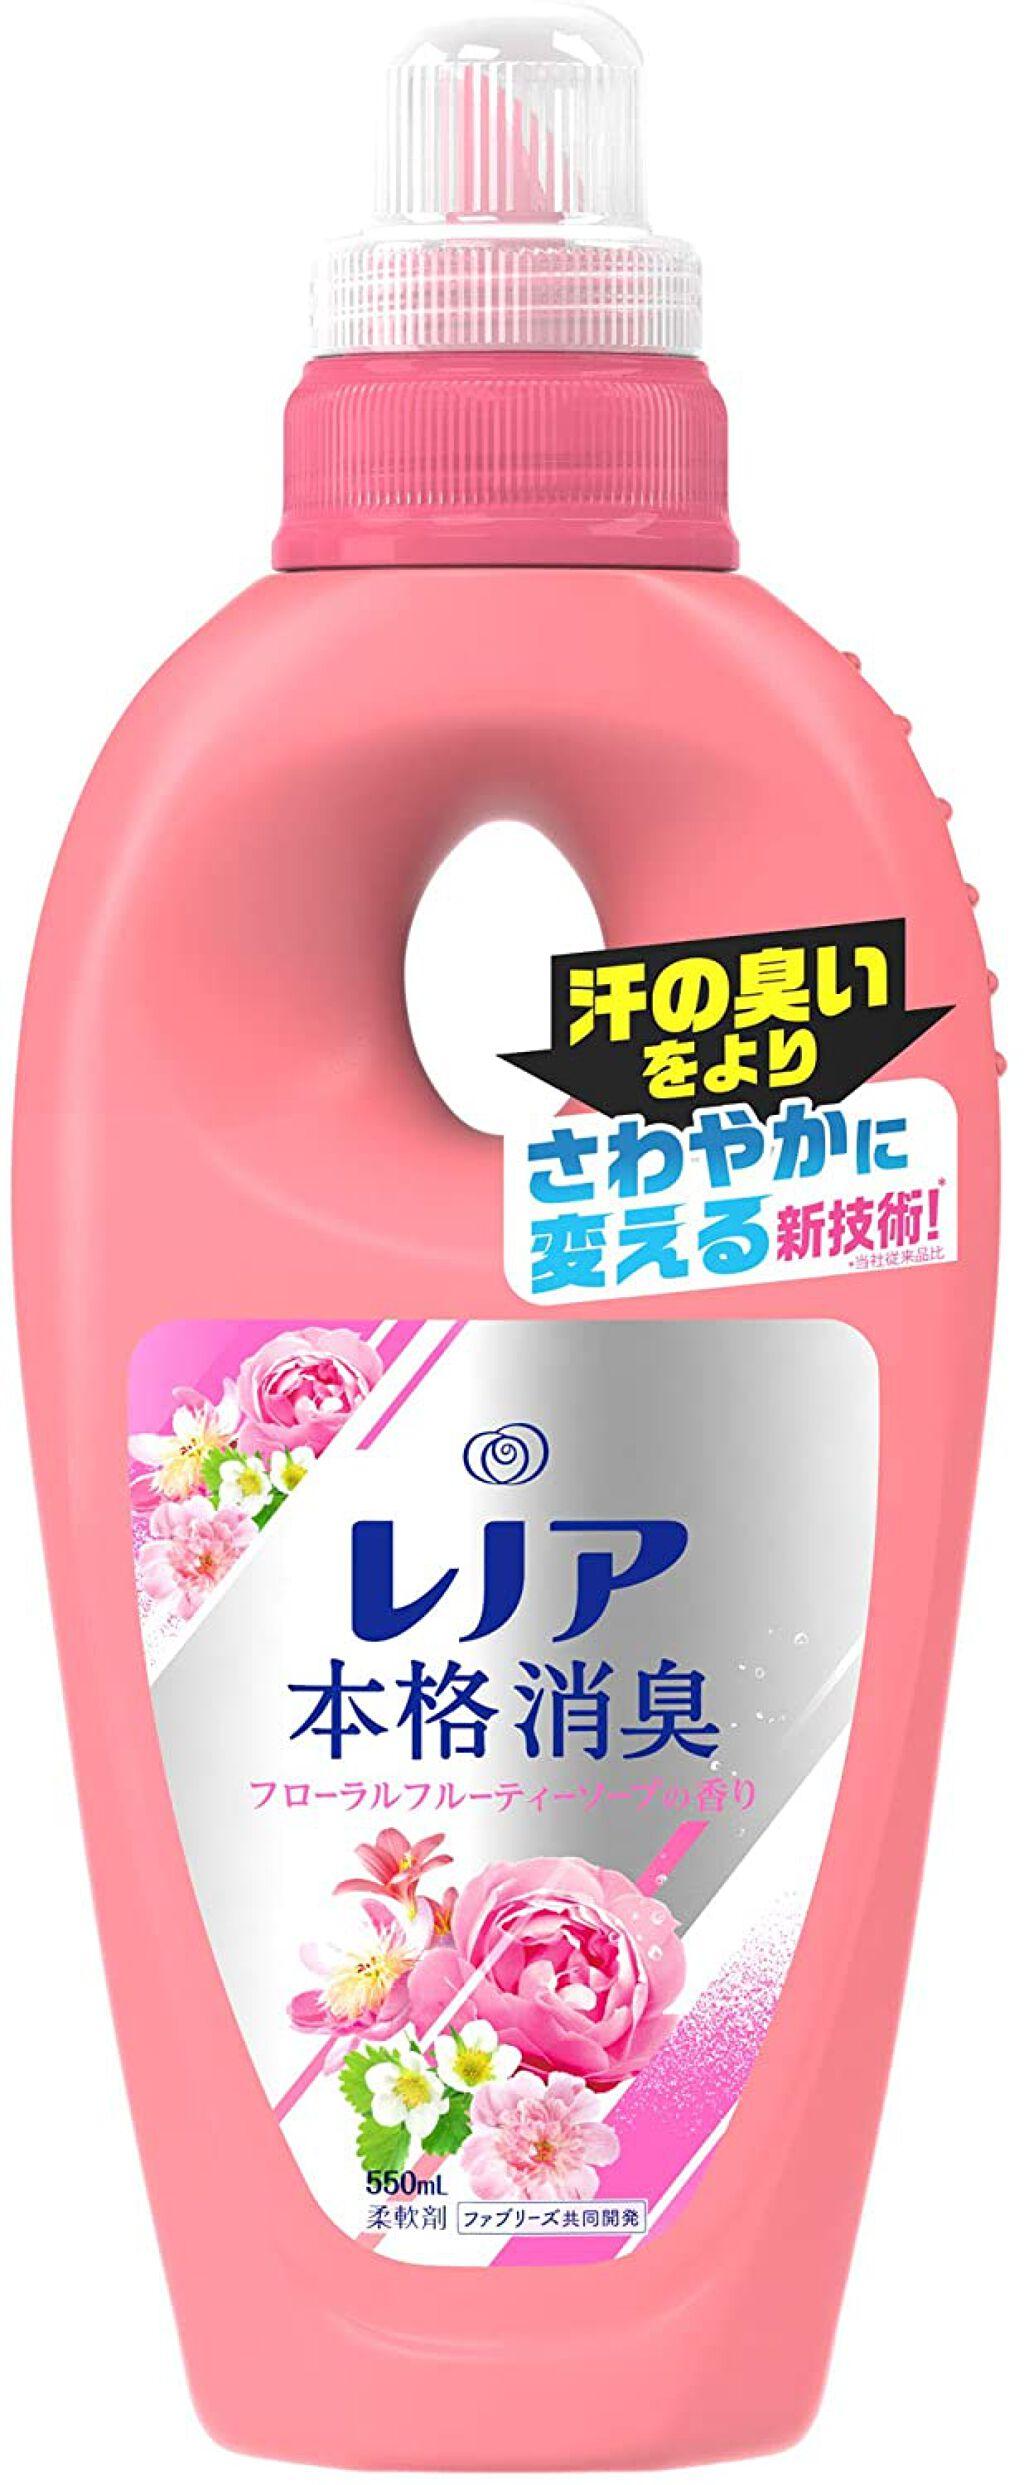 レノア本格消臭 フローラルフルーティーソープの香り 550ml